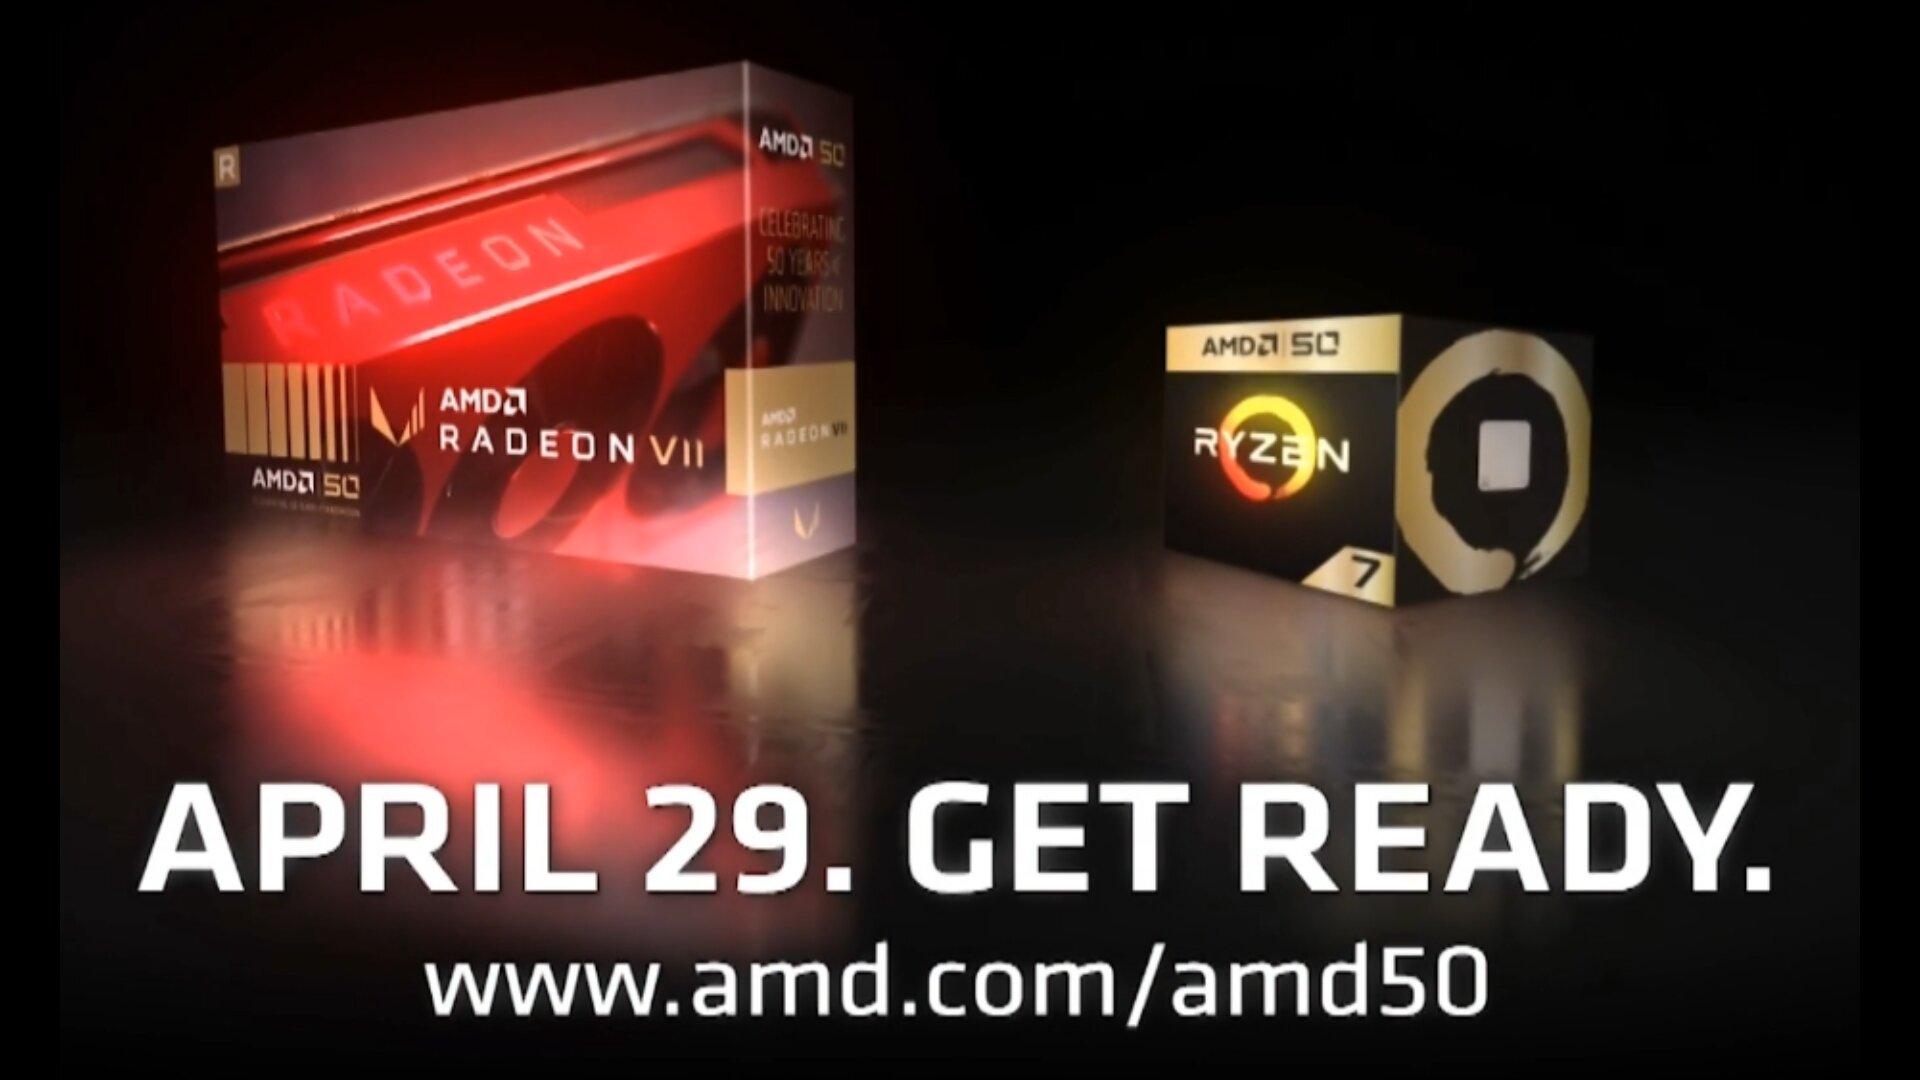 Zum 50. Geburtstag von AMD: Sonderedition von Radeon VII und Ryzen 7 2700X